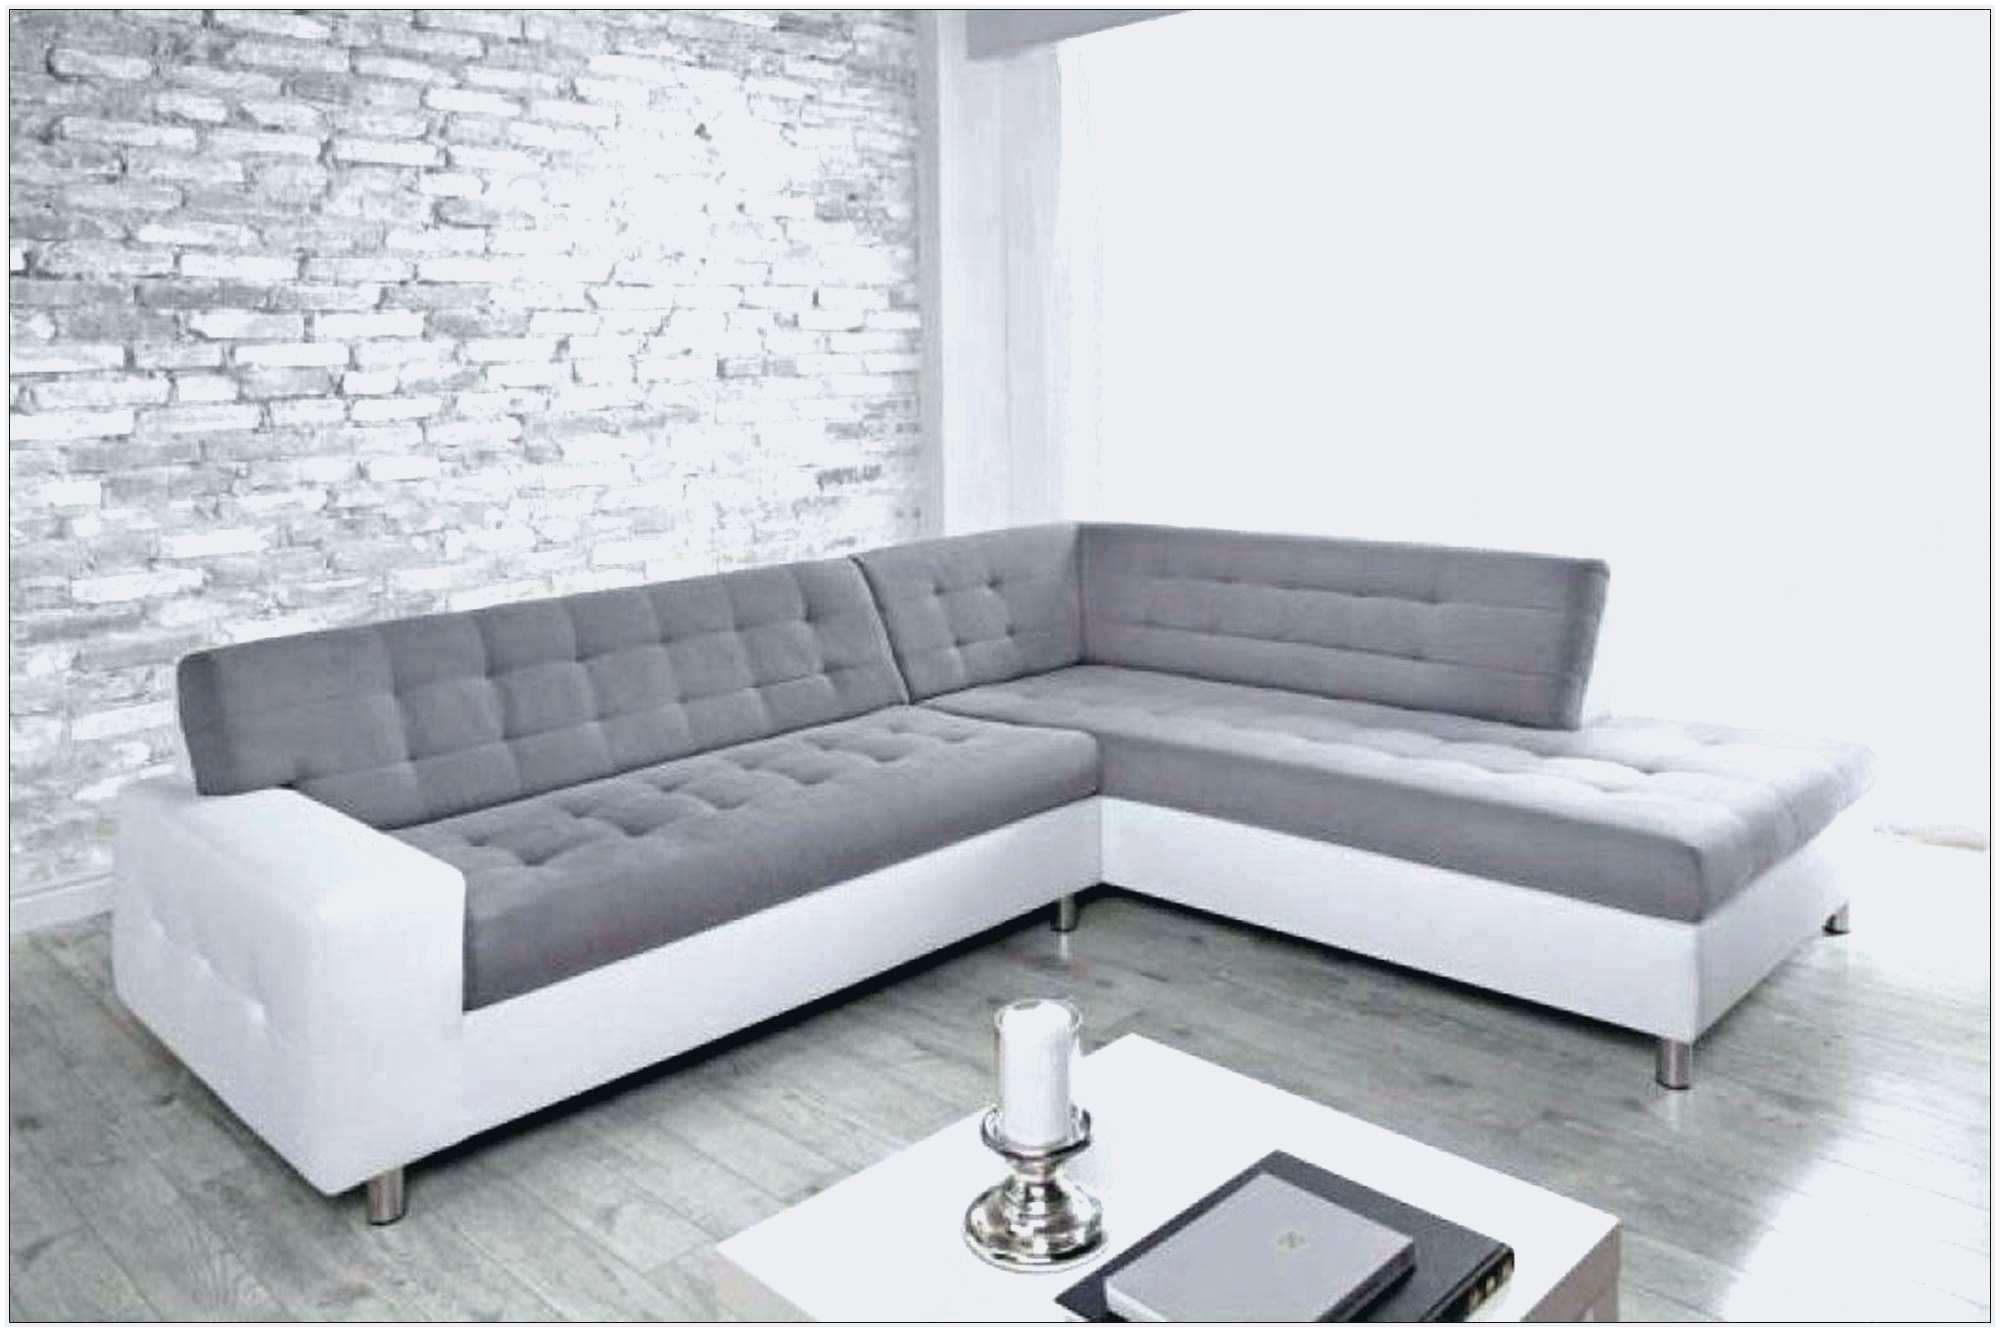 Canapé Lit Deux Places Bel Inspiré Ikea Canapé D Angle Convertible Beau Image Lit 2 Places 25